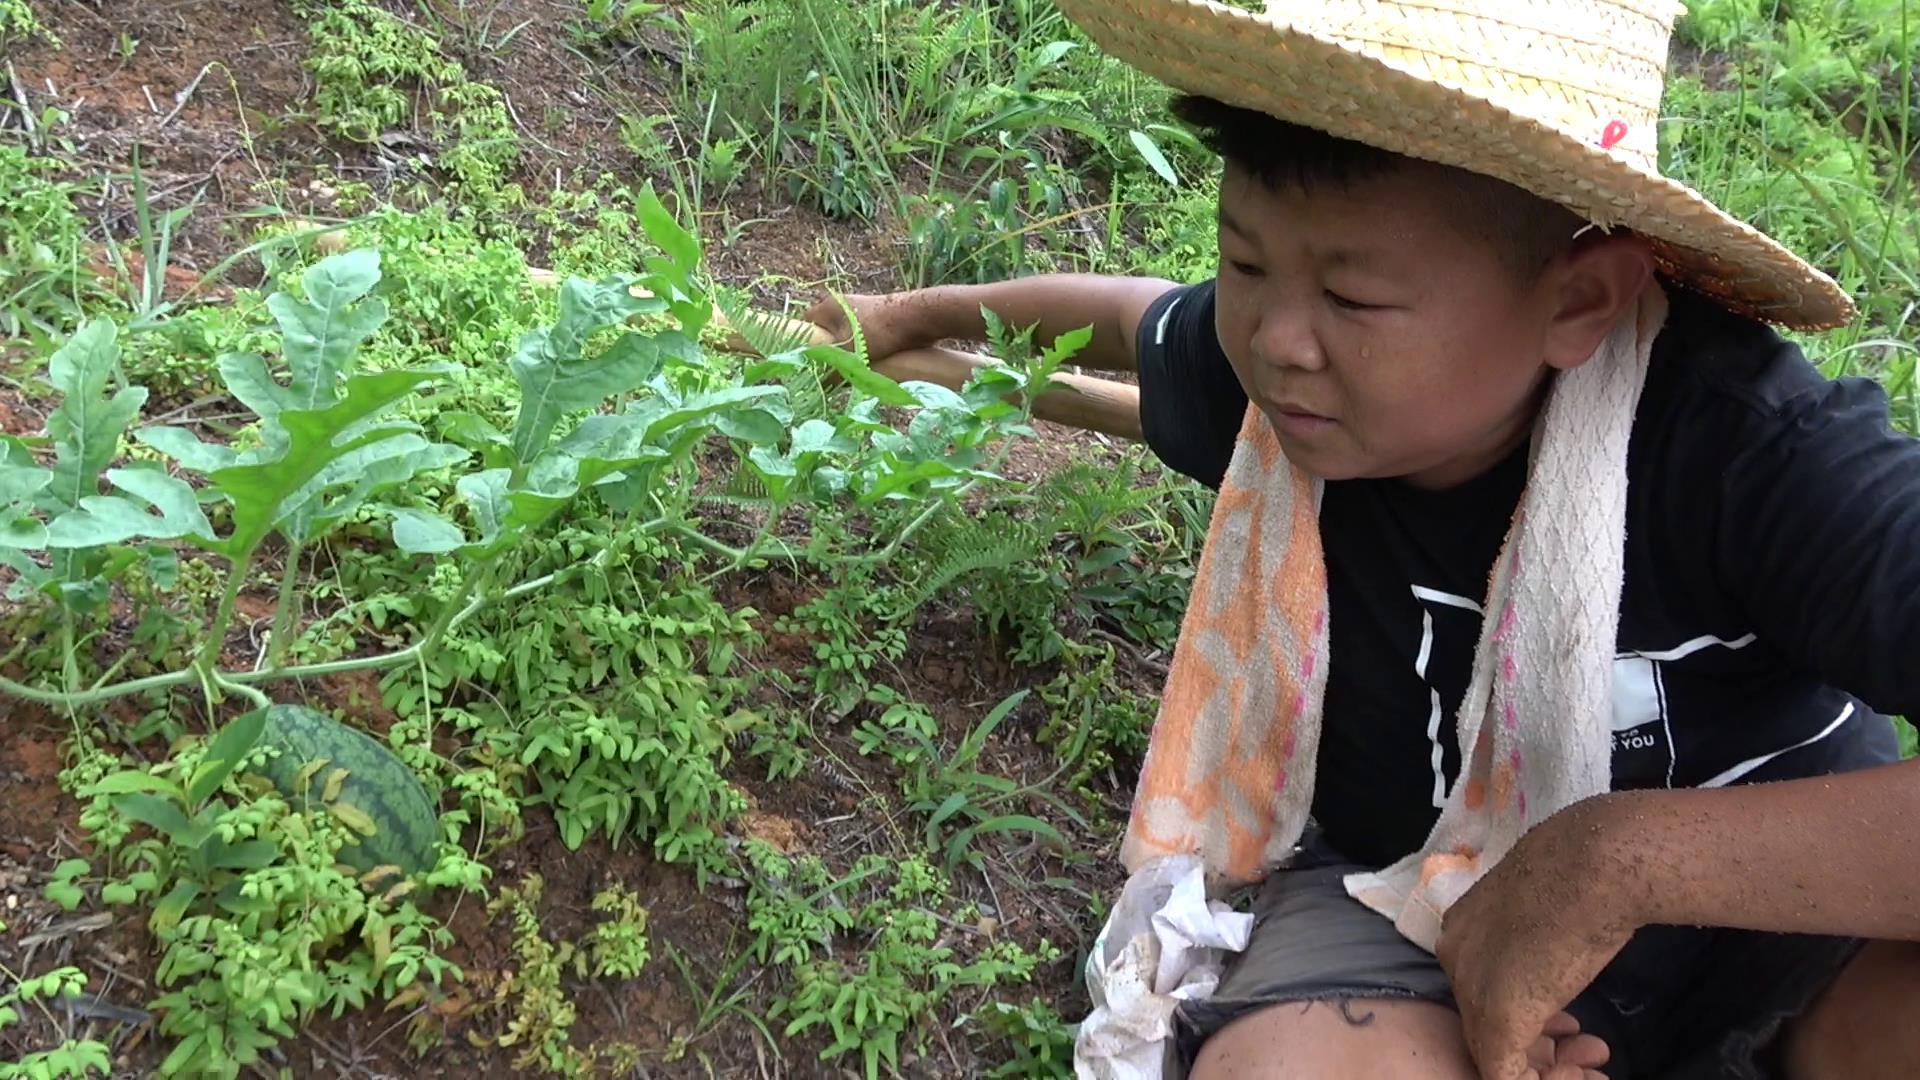 #小六种西瓜长瓜了#开心!小六种了一个多月的西瓜结果了,勤劳付出终有收获